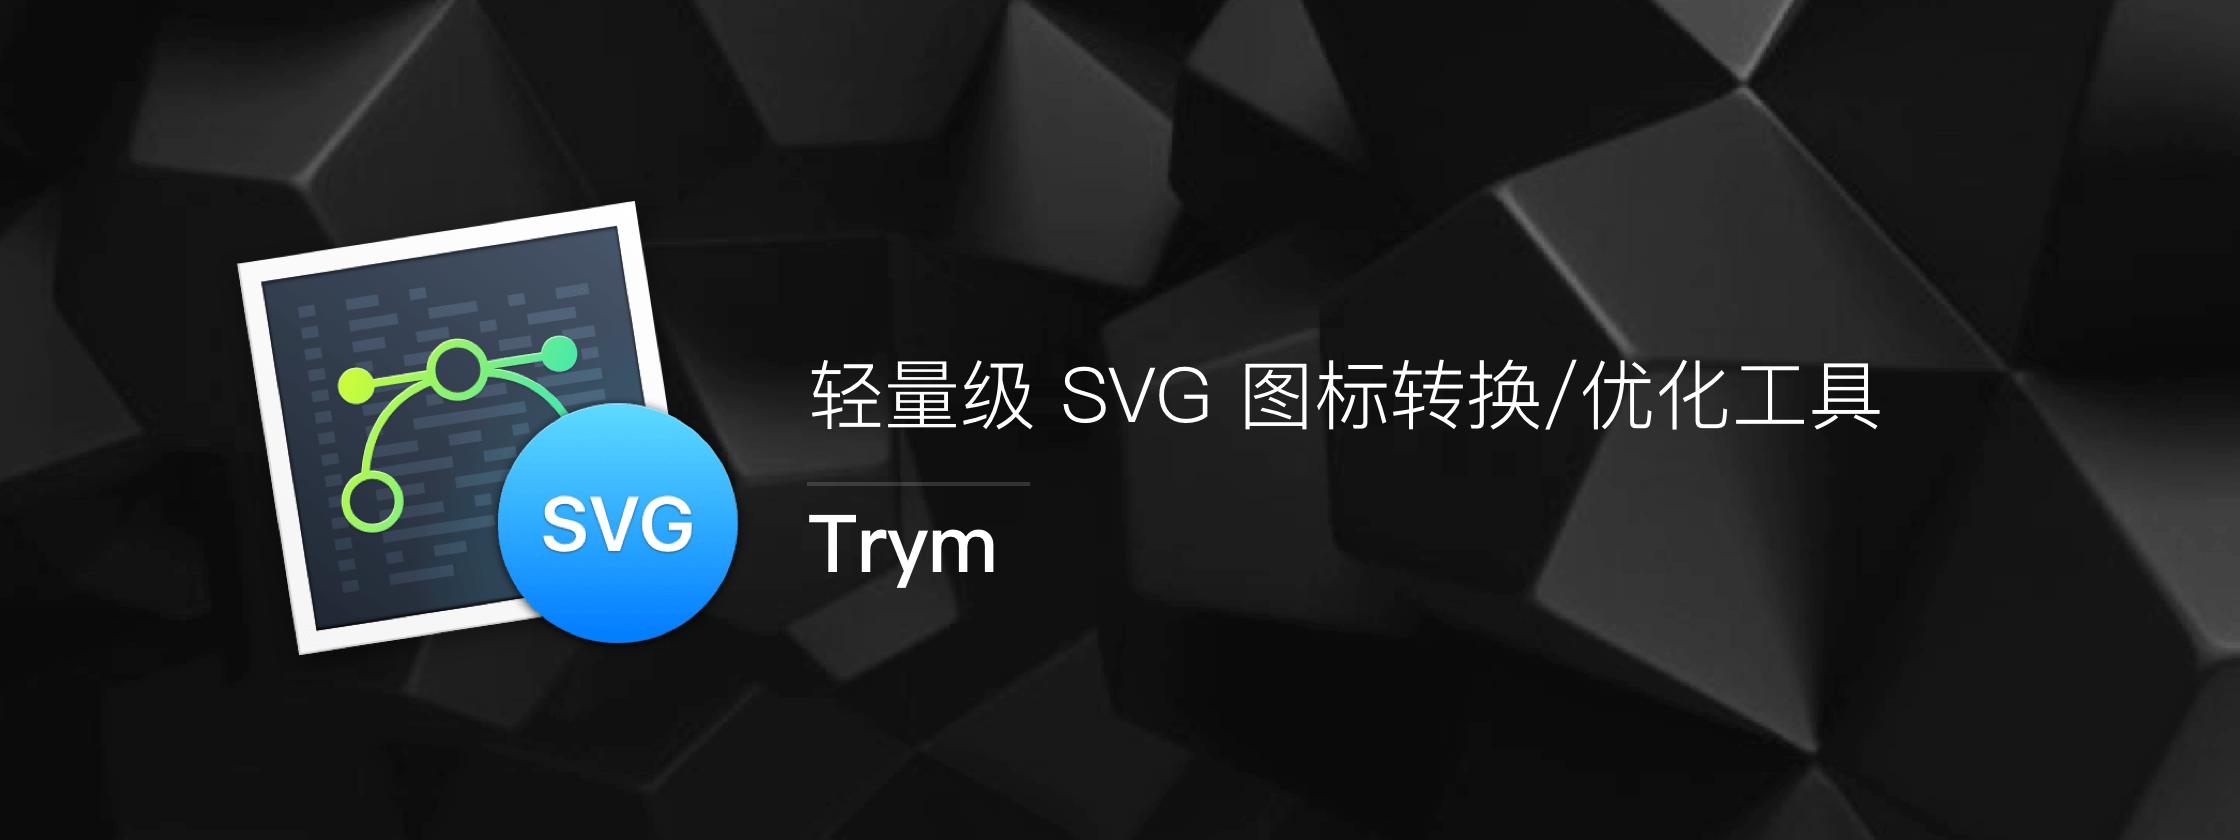 Trym – 轻量级 SVG 图标转换 / 优化工具